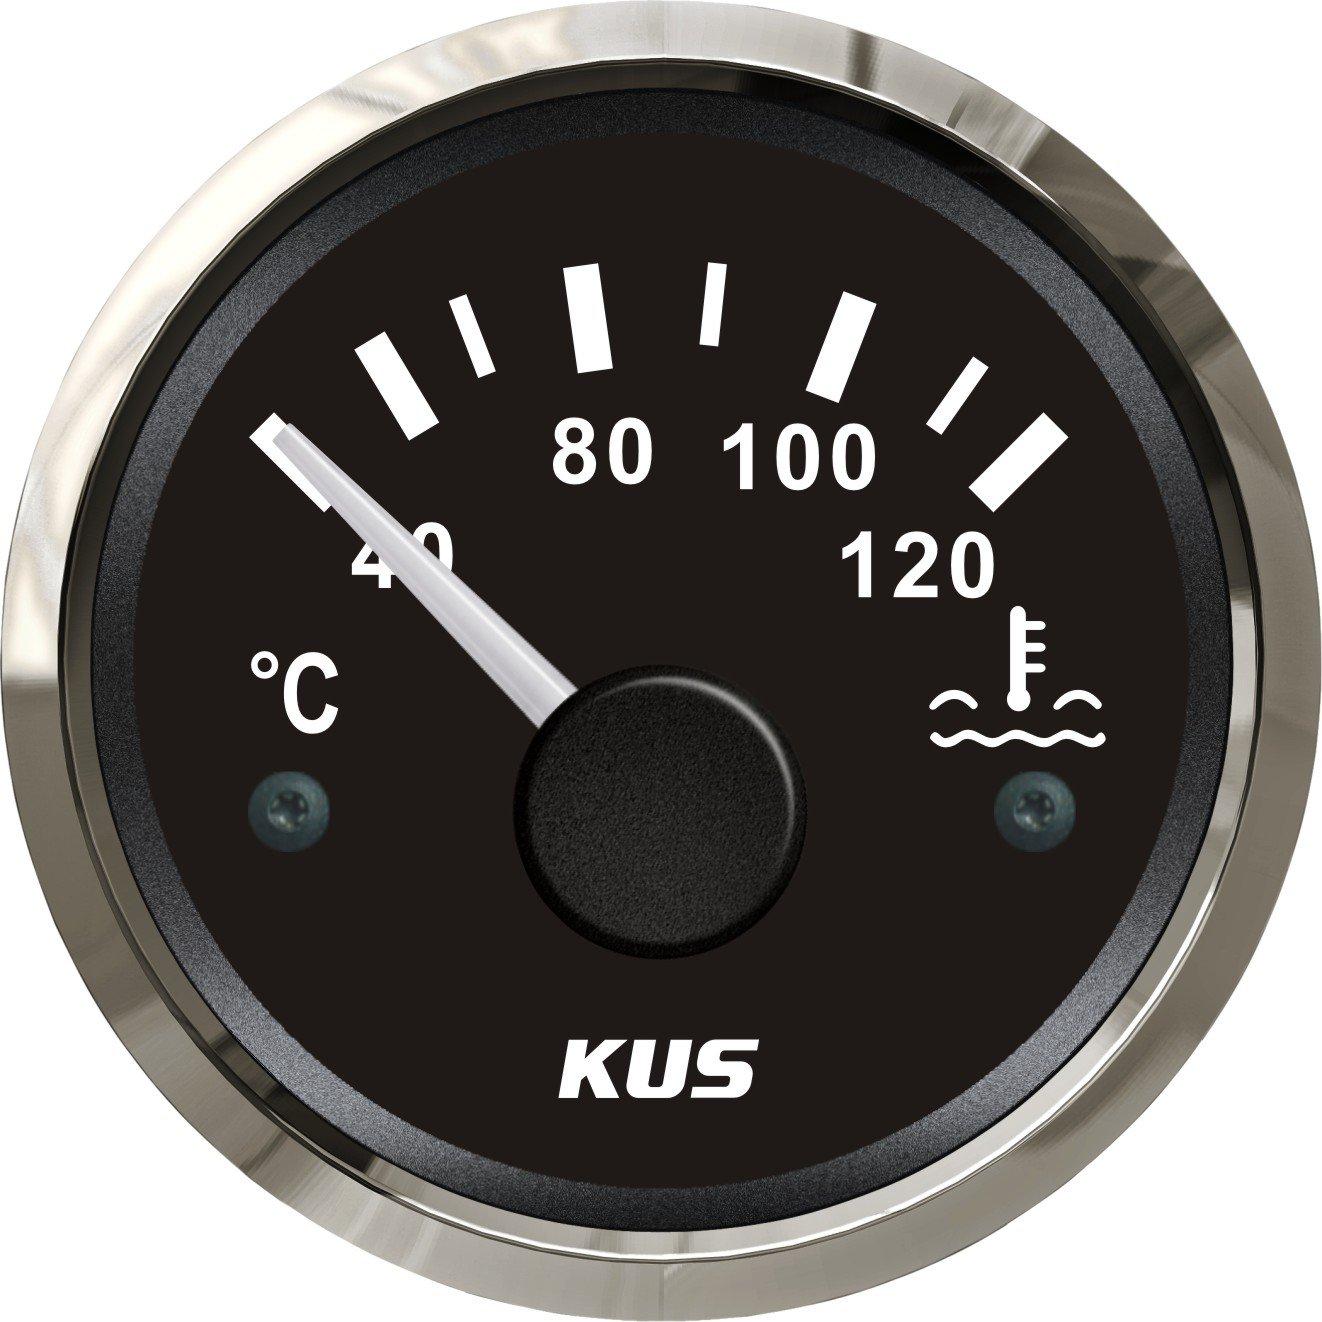 Kus é tanche Tempé rature de l'eau Indicateur de jauge de tempé rature Mè tre 40– 120 ℃ avec ré tro-é clairage 12 V/24 V 52 mm (5, 1 cm) 1cm)